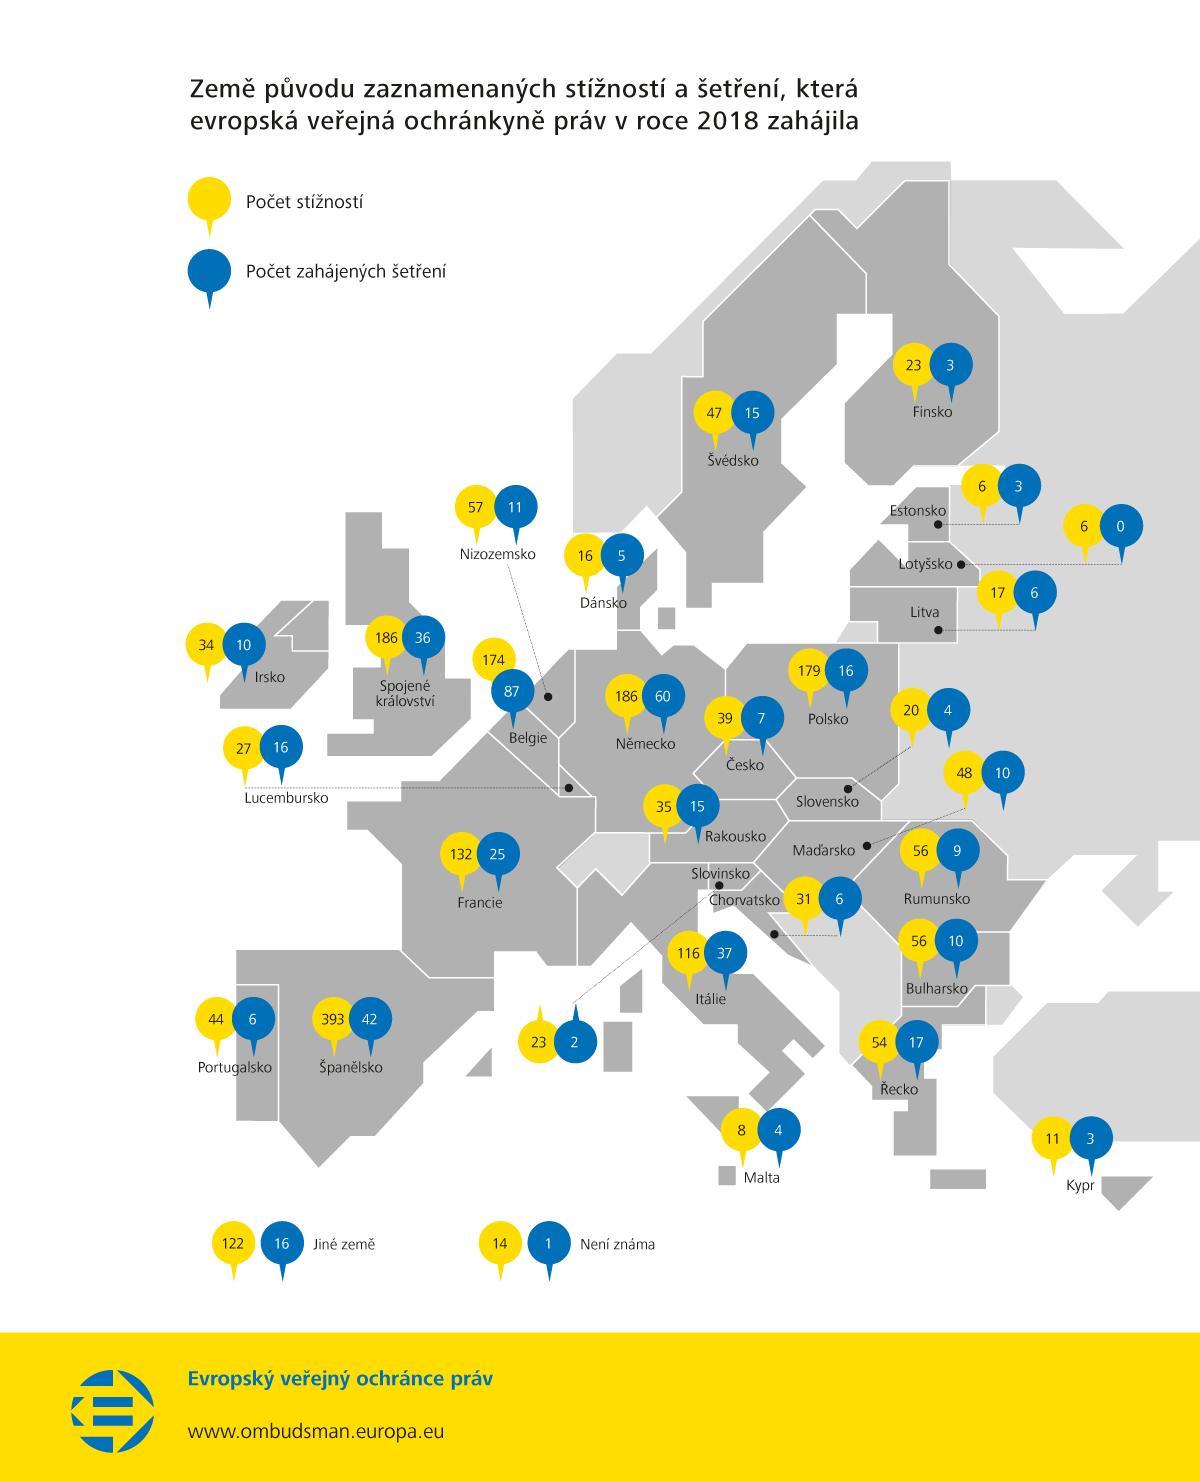 Země původu zaznamenaných stížností a šetření, která evropská veřejná ochránkyně práv v roce 2018 zahájila